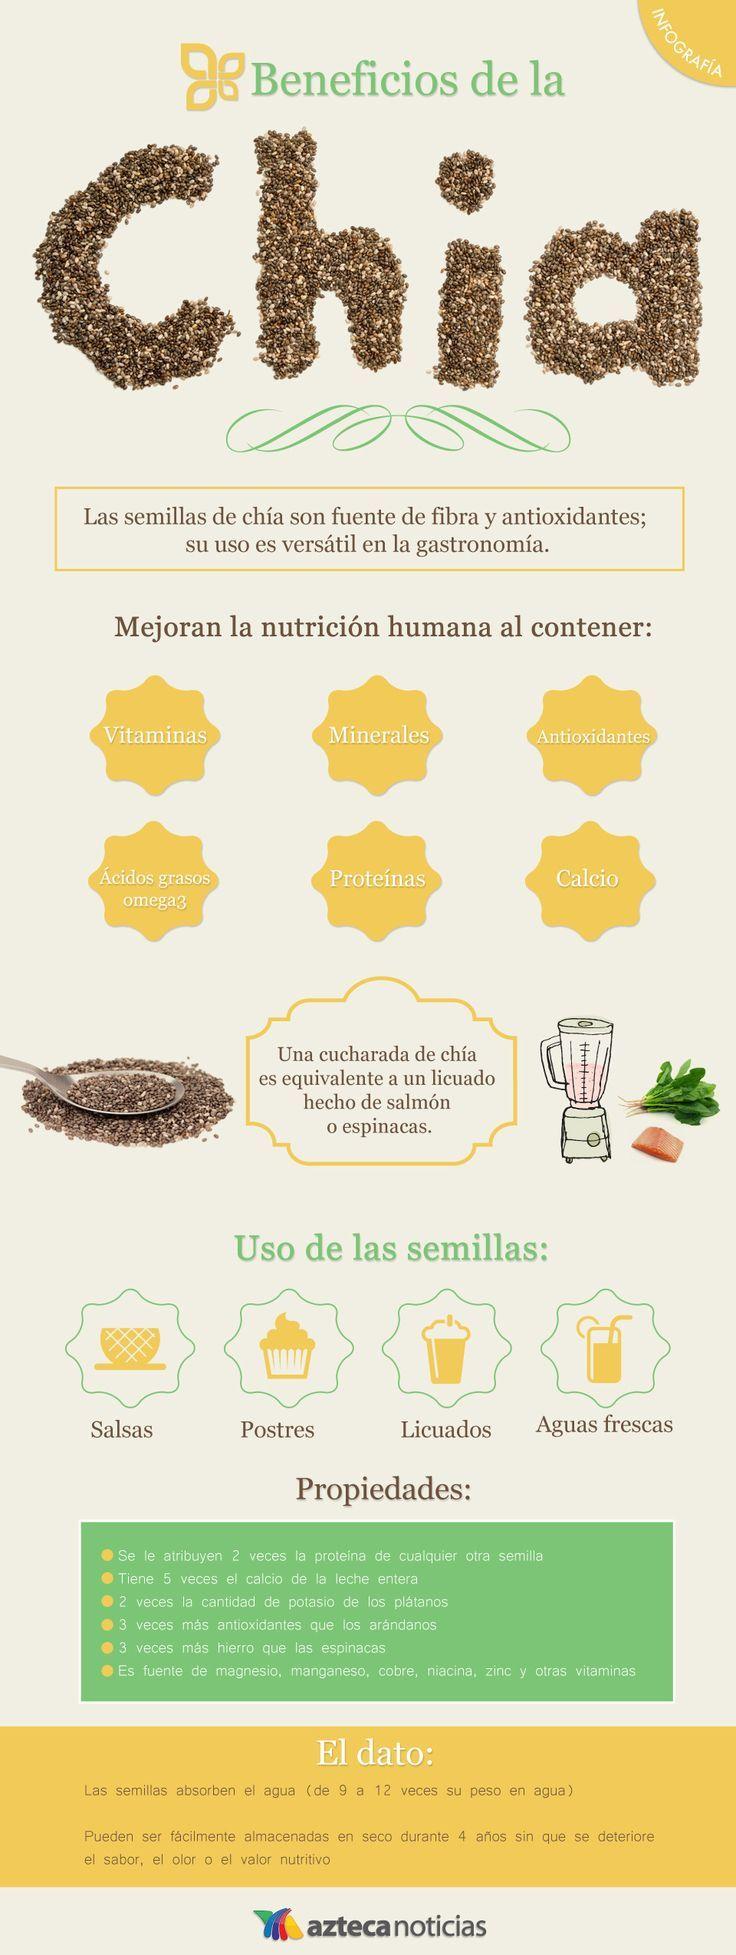 Los saludables beneficios de las semillas de chía. #chia #salud